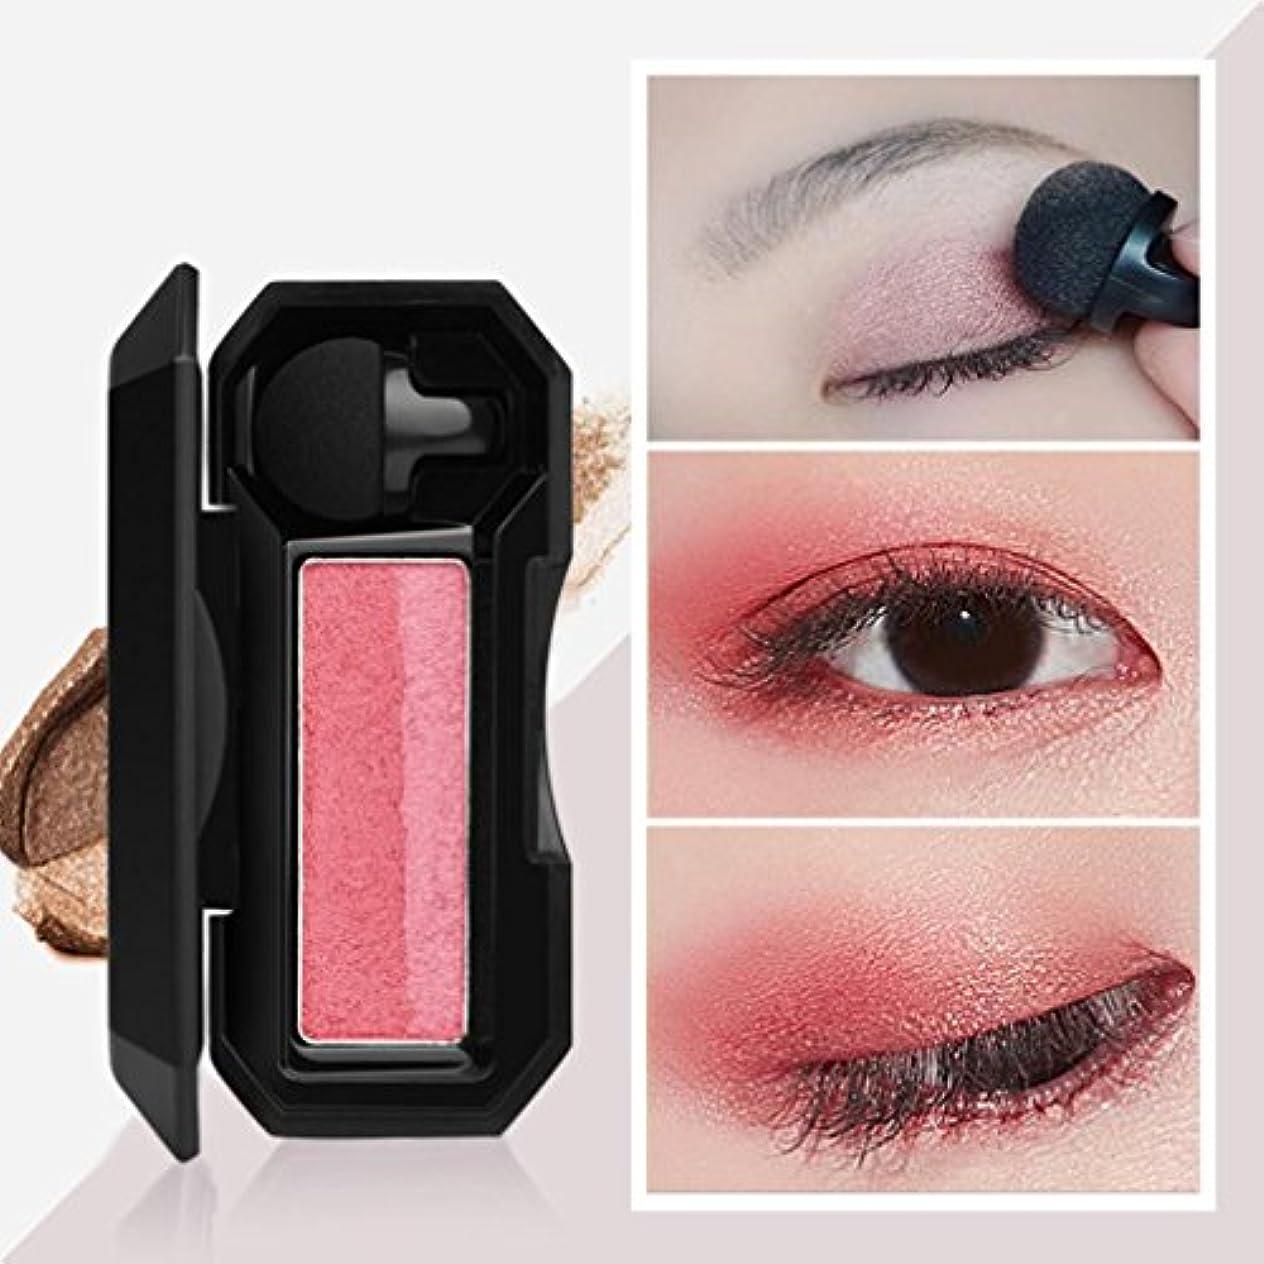 徒歩でキャメル探すビューティー アイシャドー BOBOGOJP 女性 2色 可愛い デザイン ミニスタンプアイシャドーパレット 携帯便利 極め細かい 化粧パウダー 持続性 スモーキーメイク (21A)